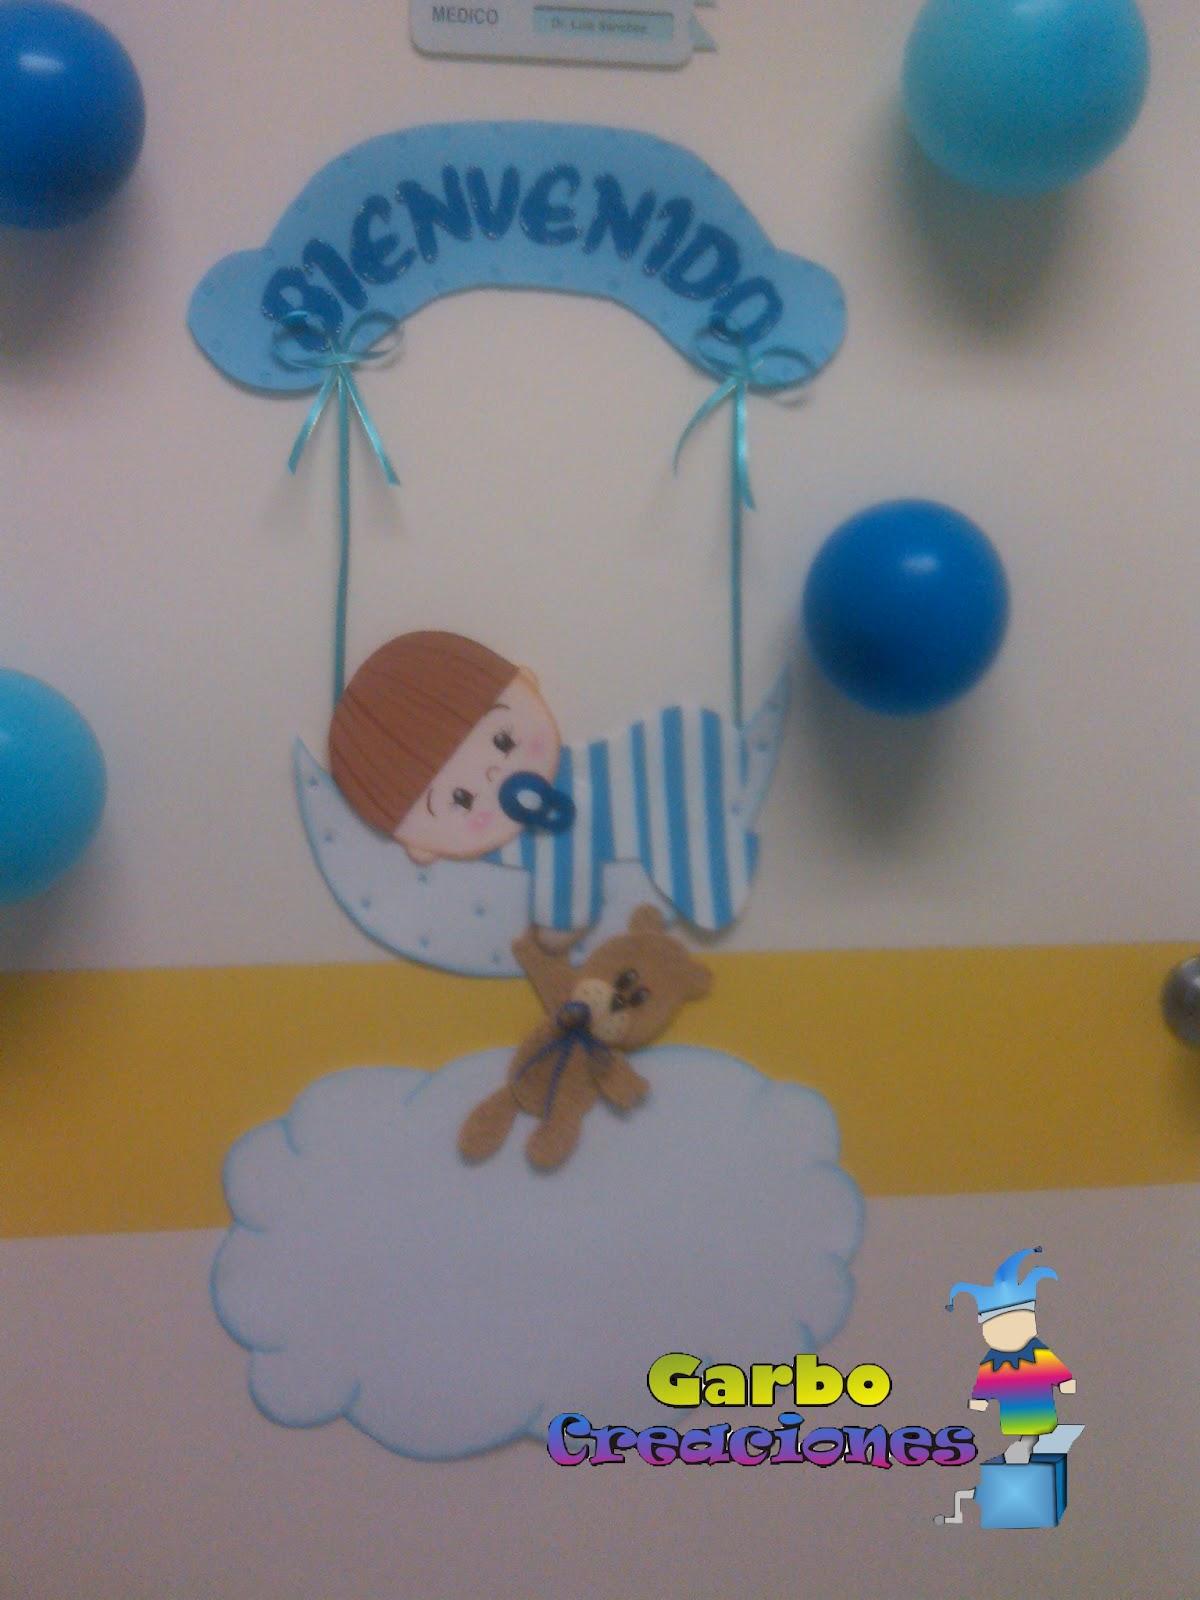 Garbo creaciones kit de decoracion para puertas nacimientos for Decoracion habitacion bebe goma eva